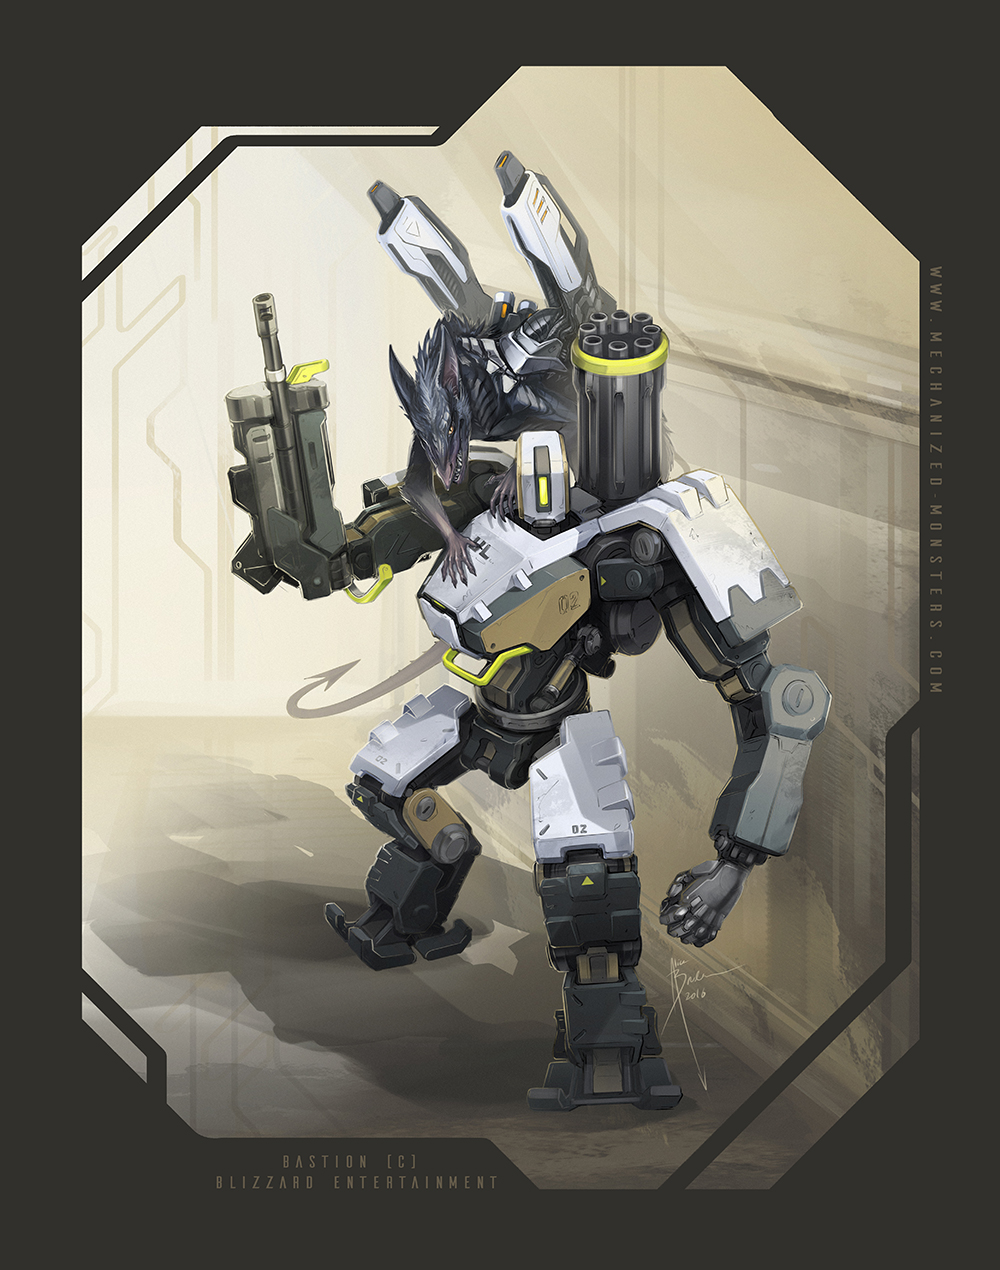 DefenseMatrix Bastoin-color-1000.jpg